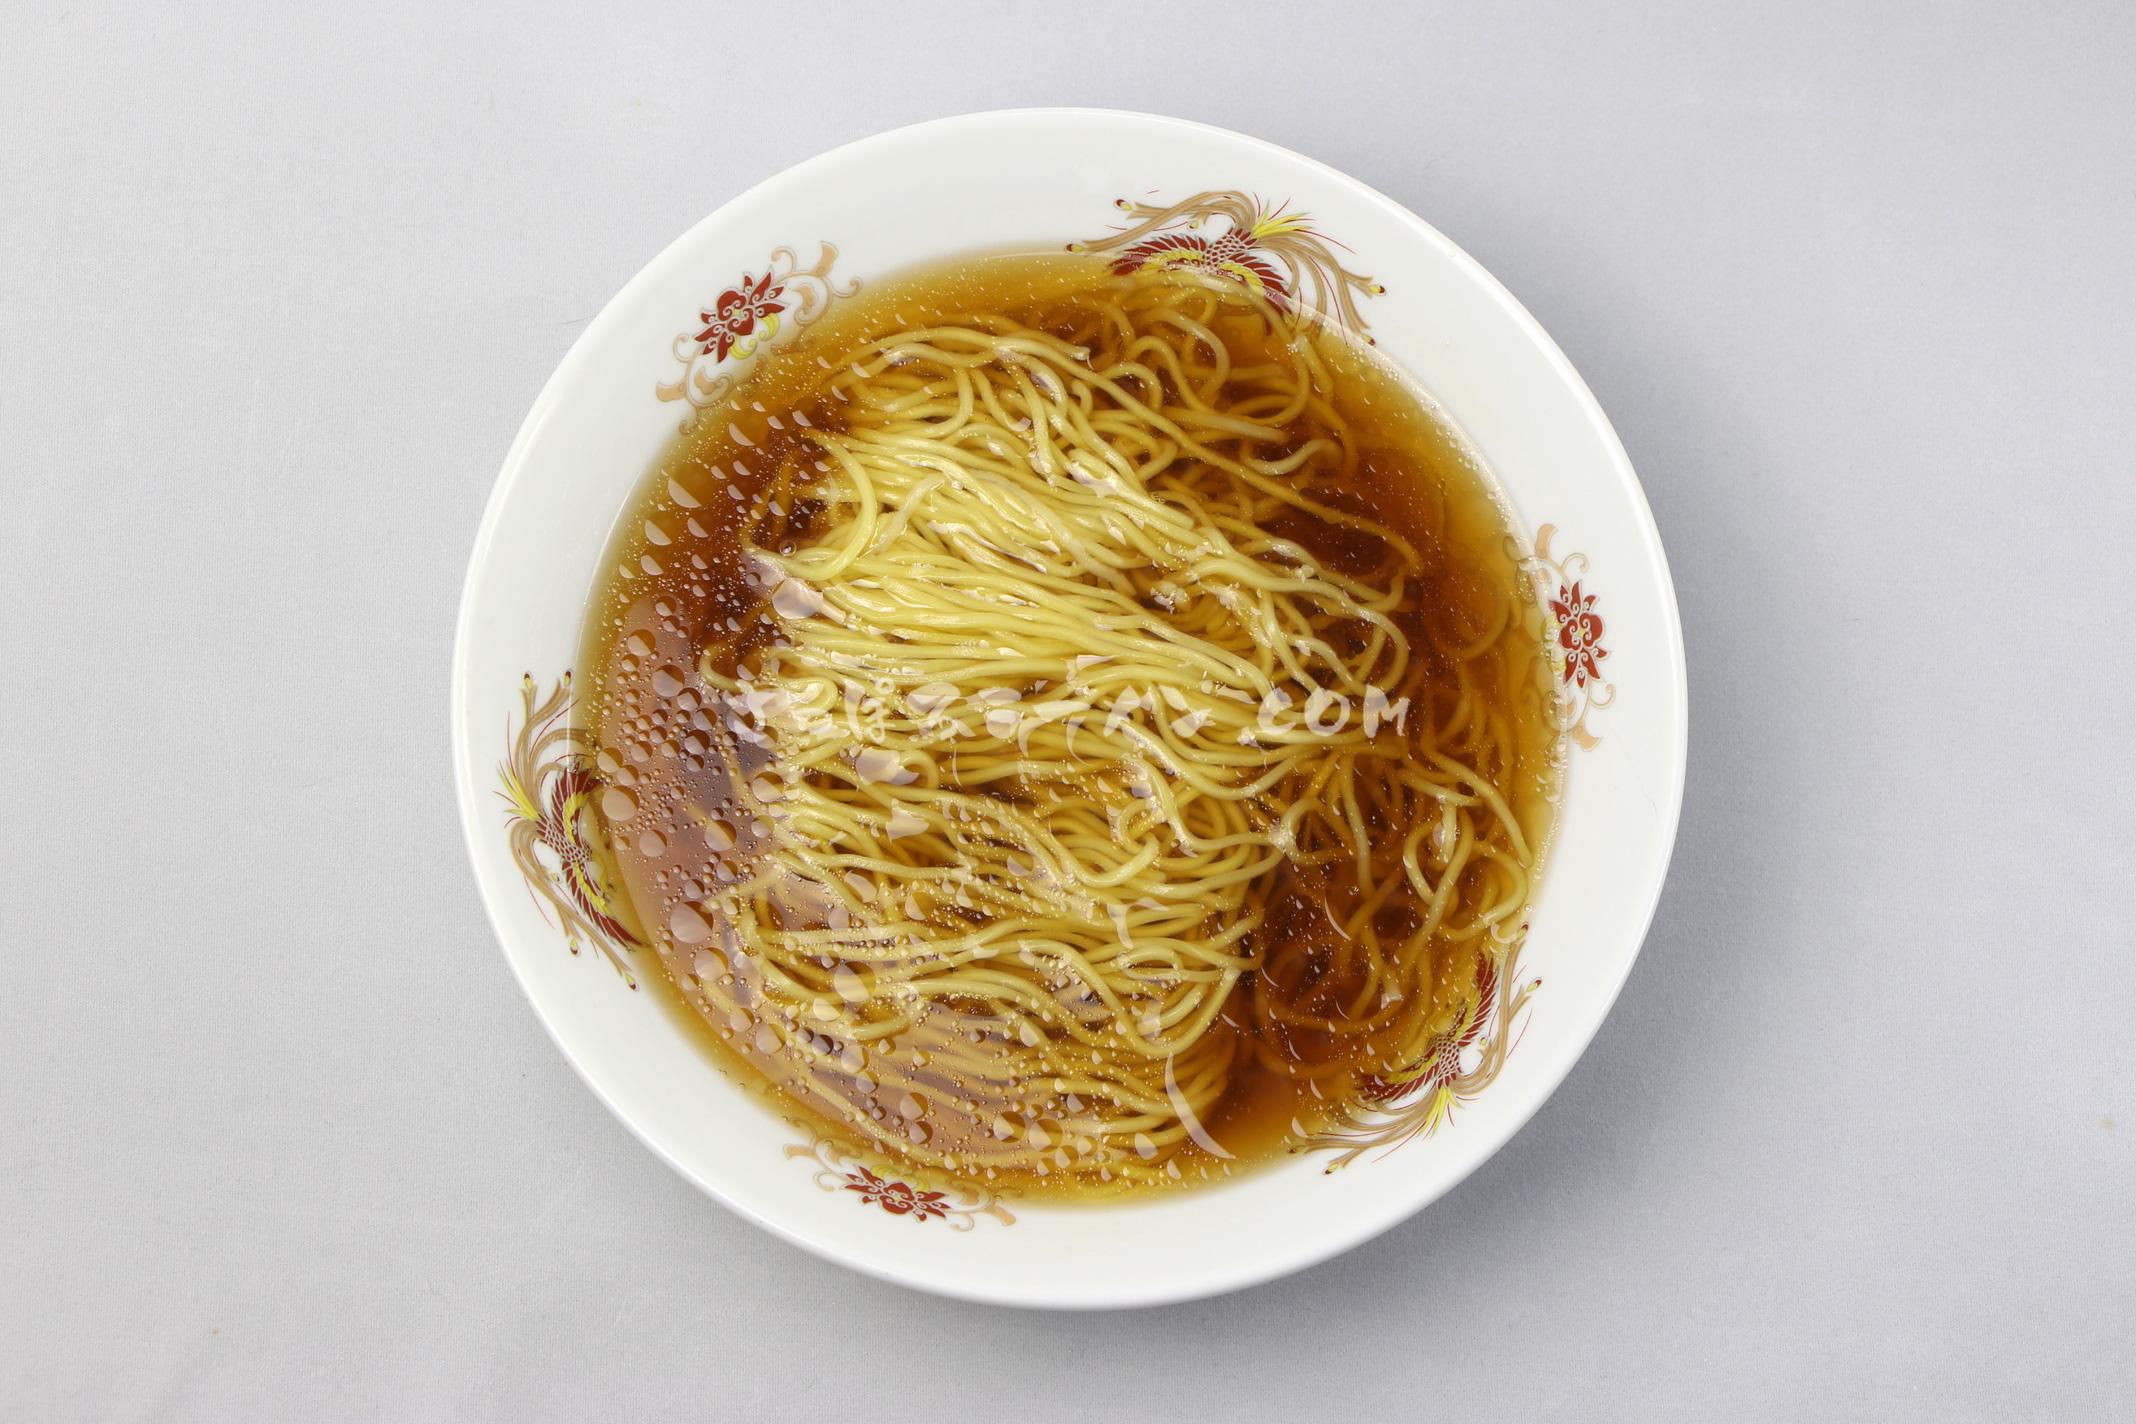 「熊出没注意ラーメン 醬油味」(藤原製麺)の完成画像